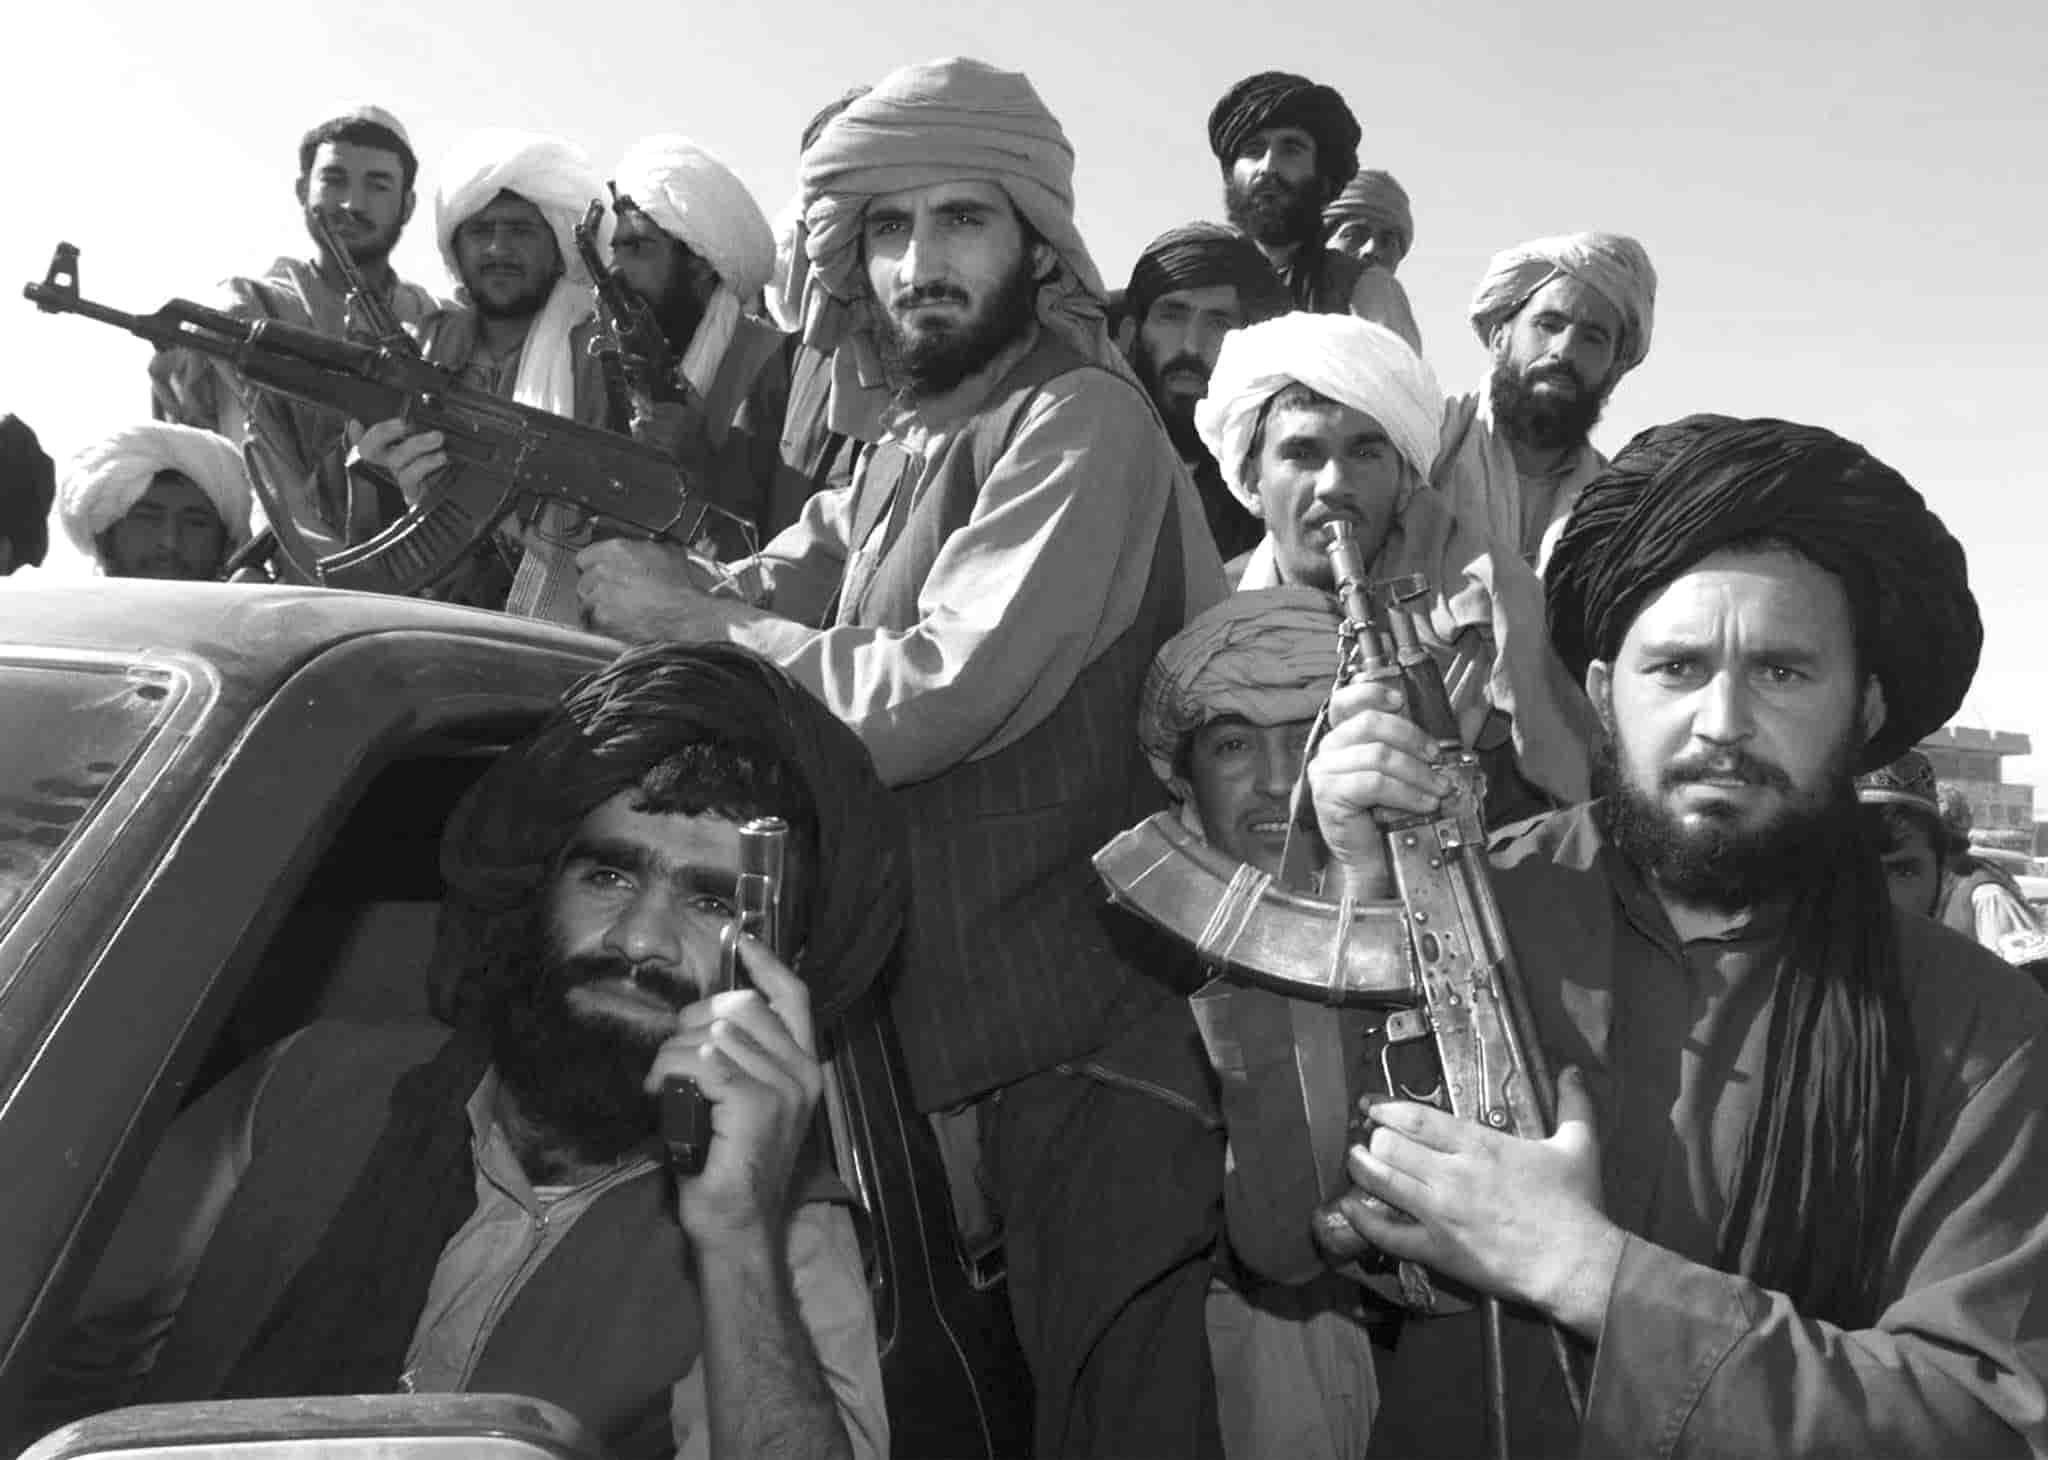 kabile-giren-taliban-militanlarindan-bir-grup-min.jpg